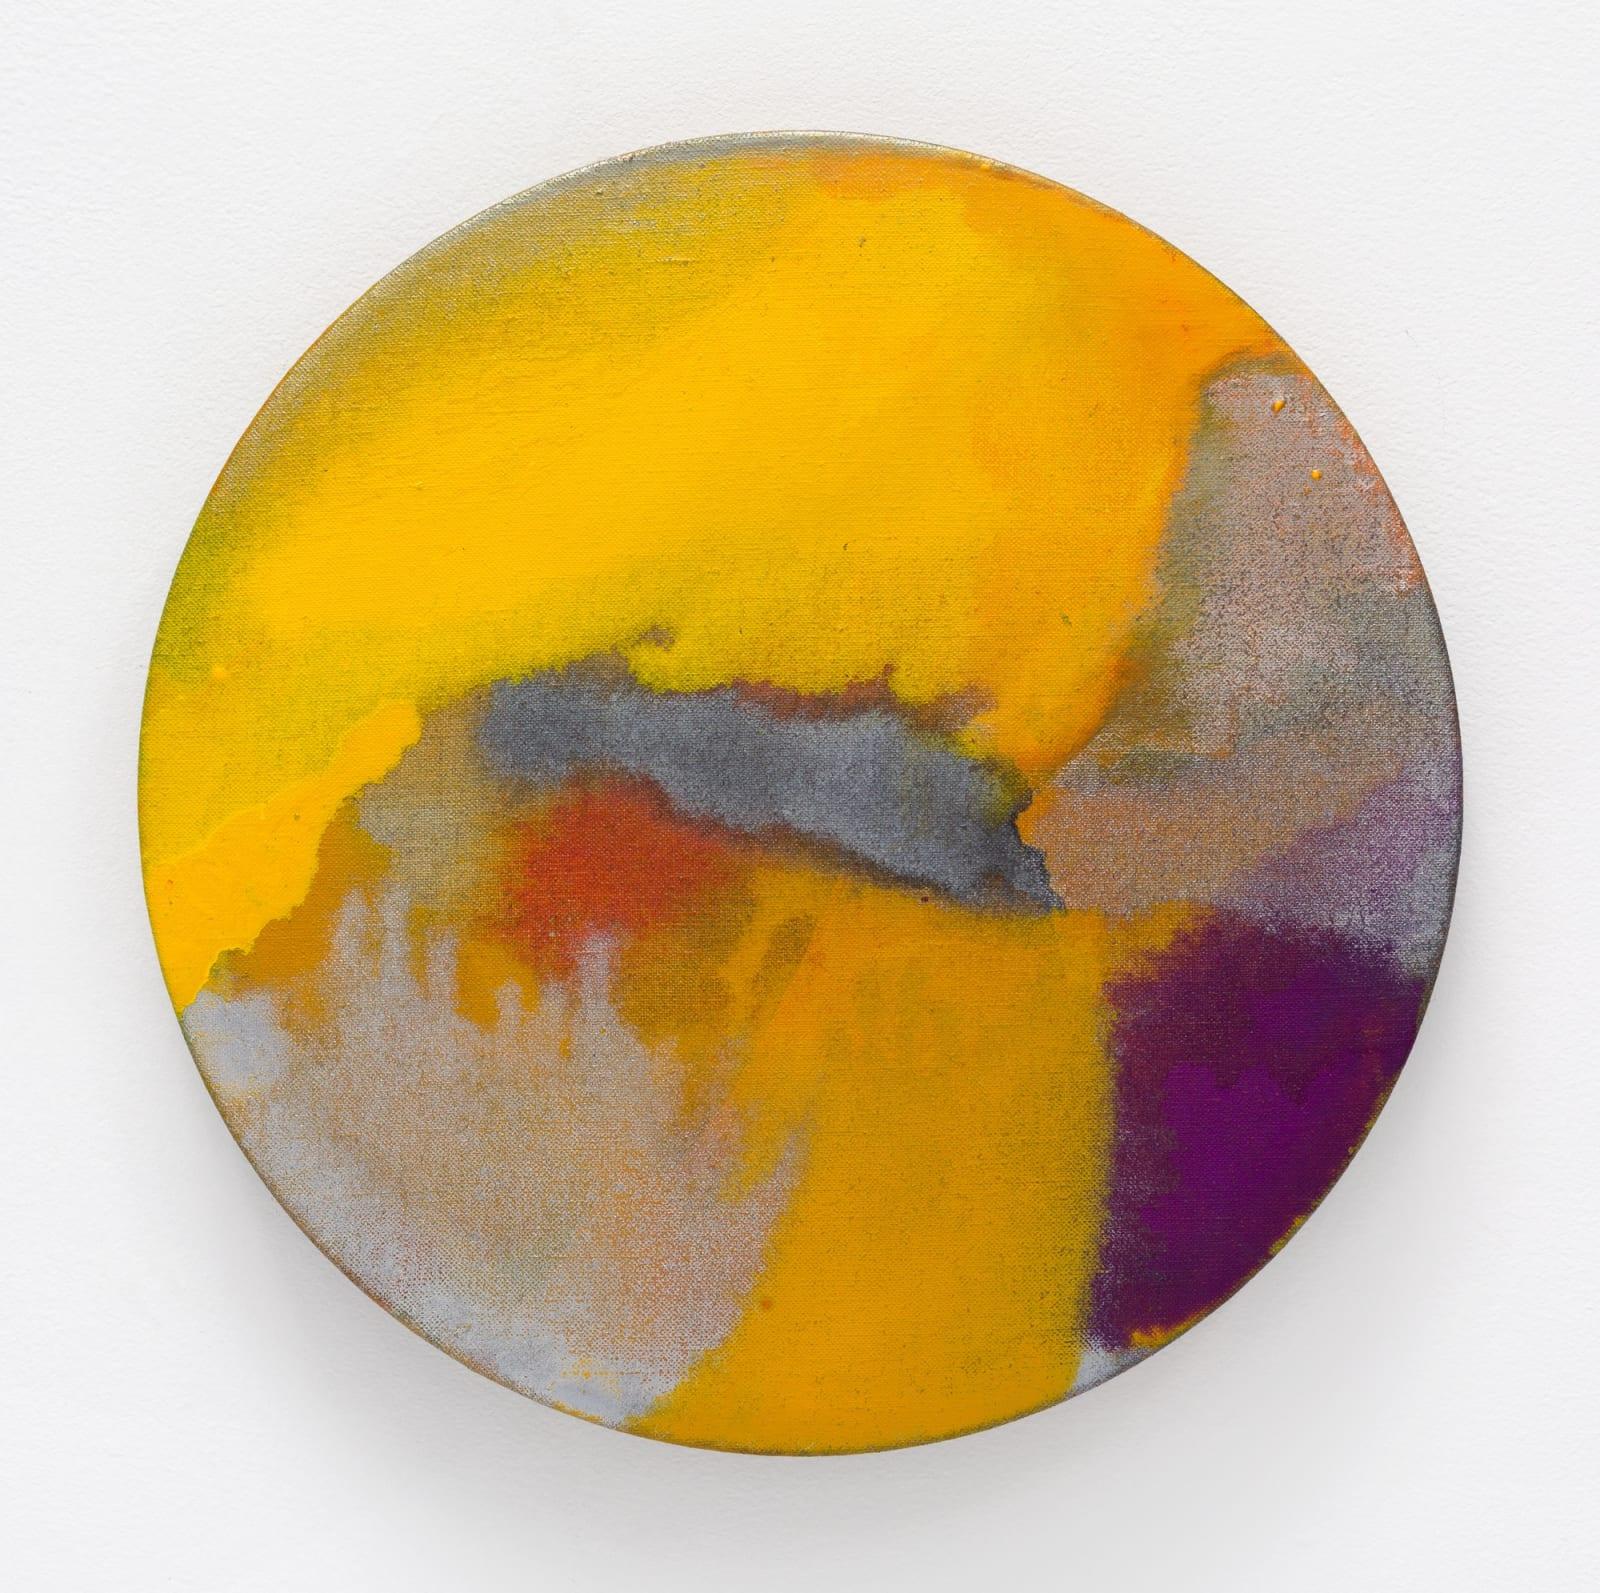 Pamela Jorden Interval (yellow), 2020